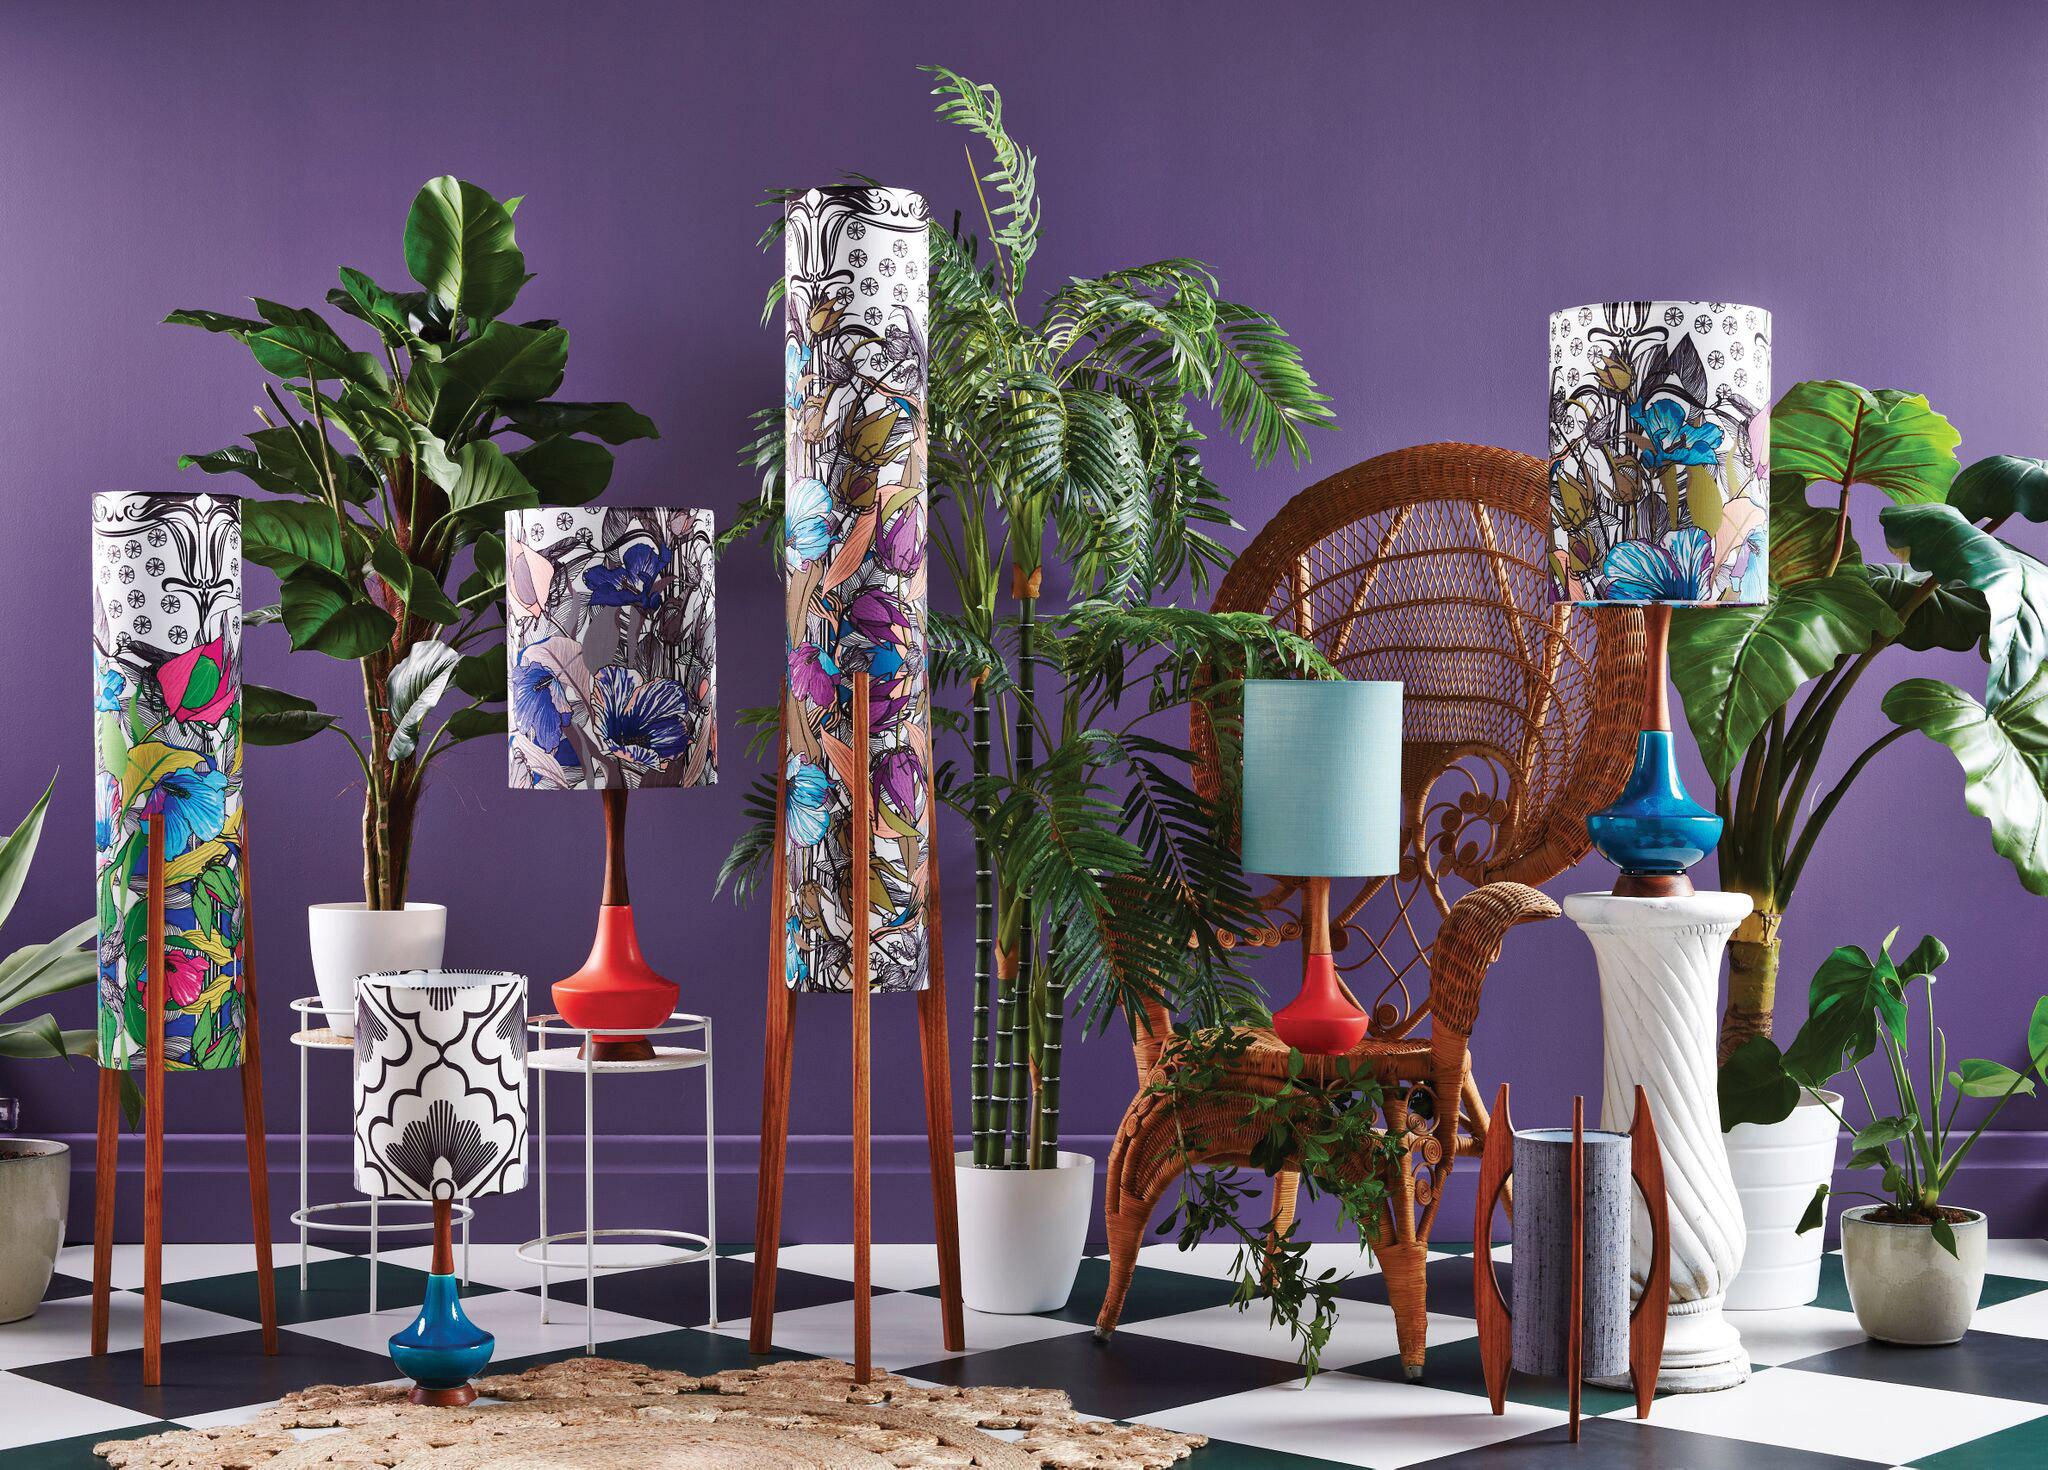 Botanical_Lamp2_Maria_Montes.jpg